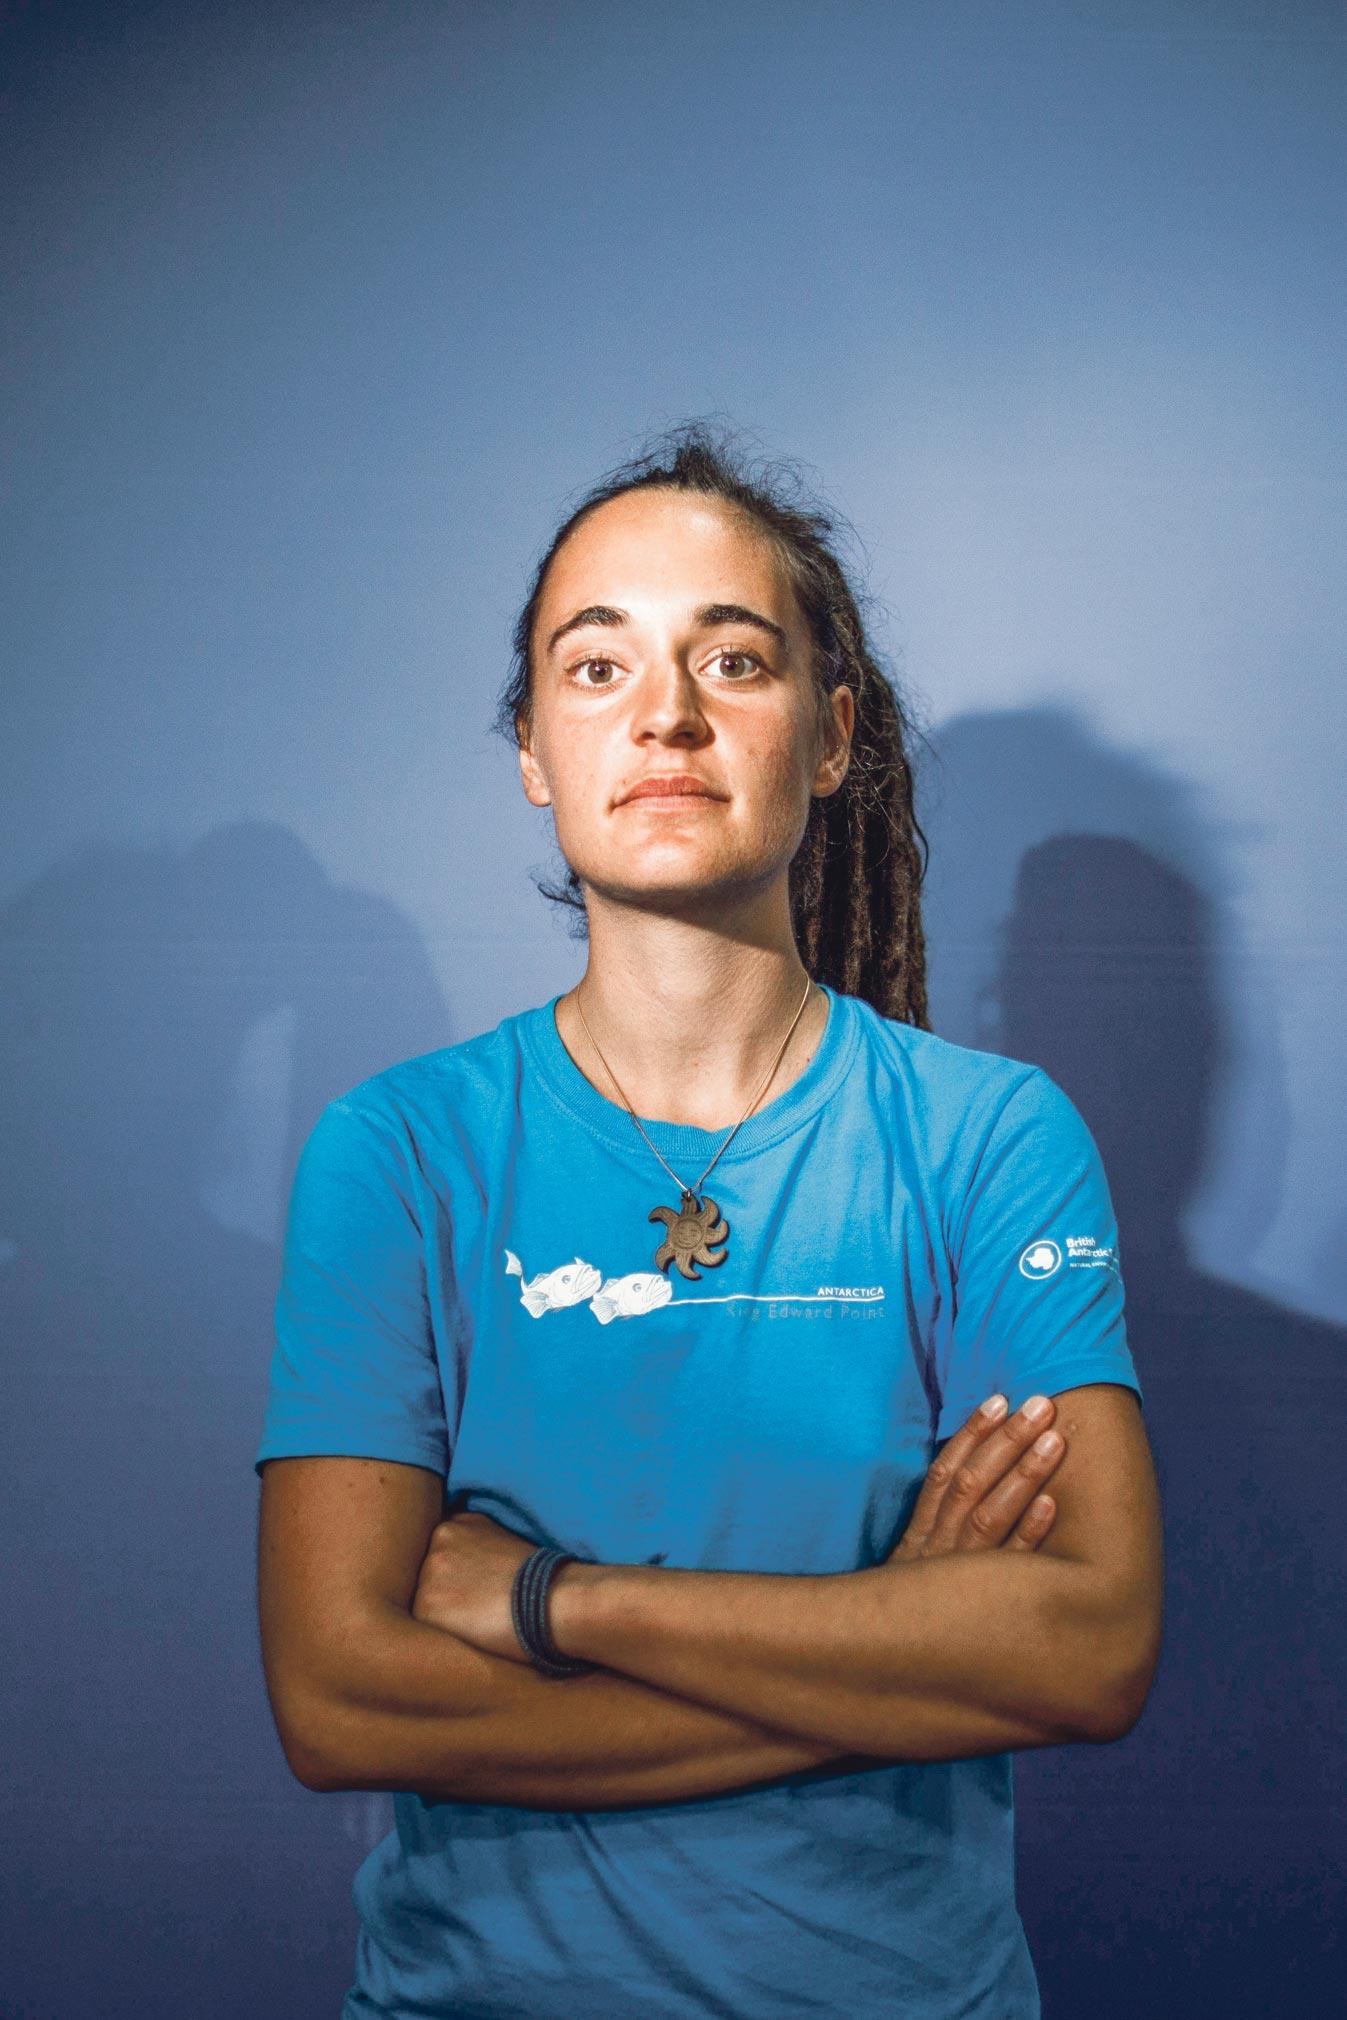 Carole Rackete